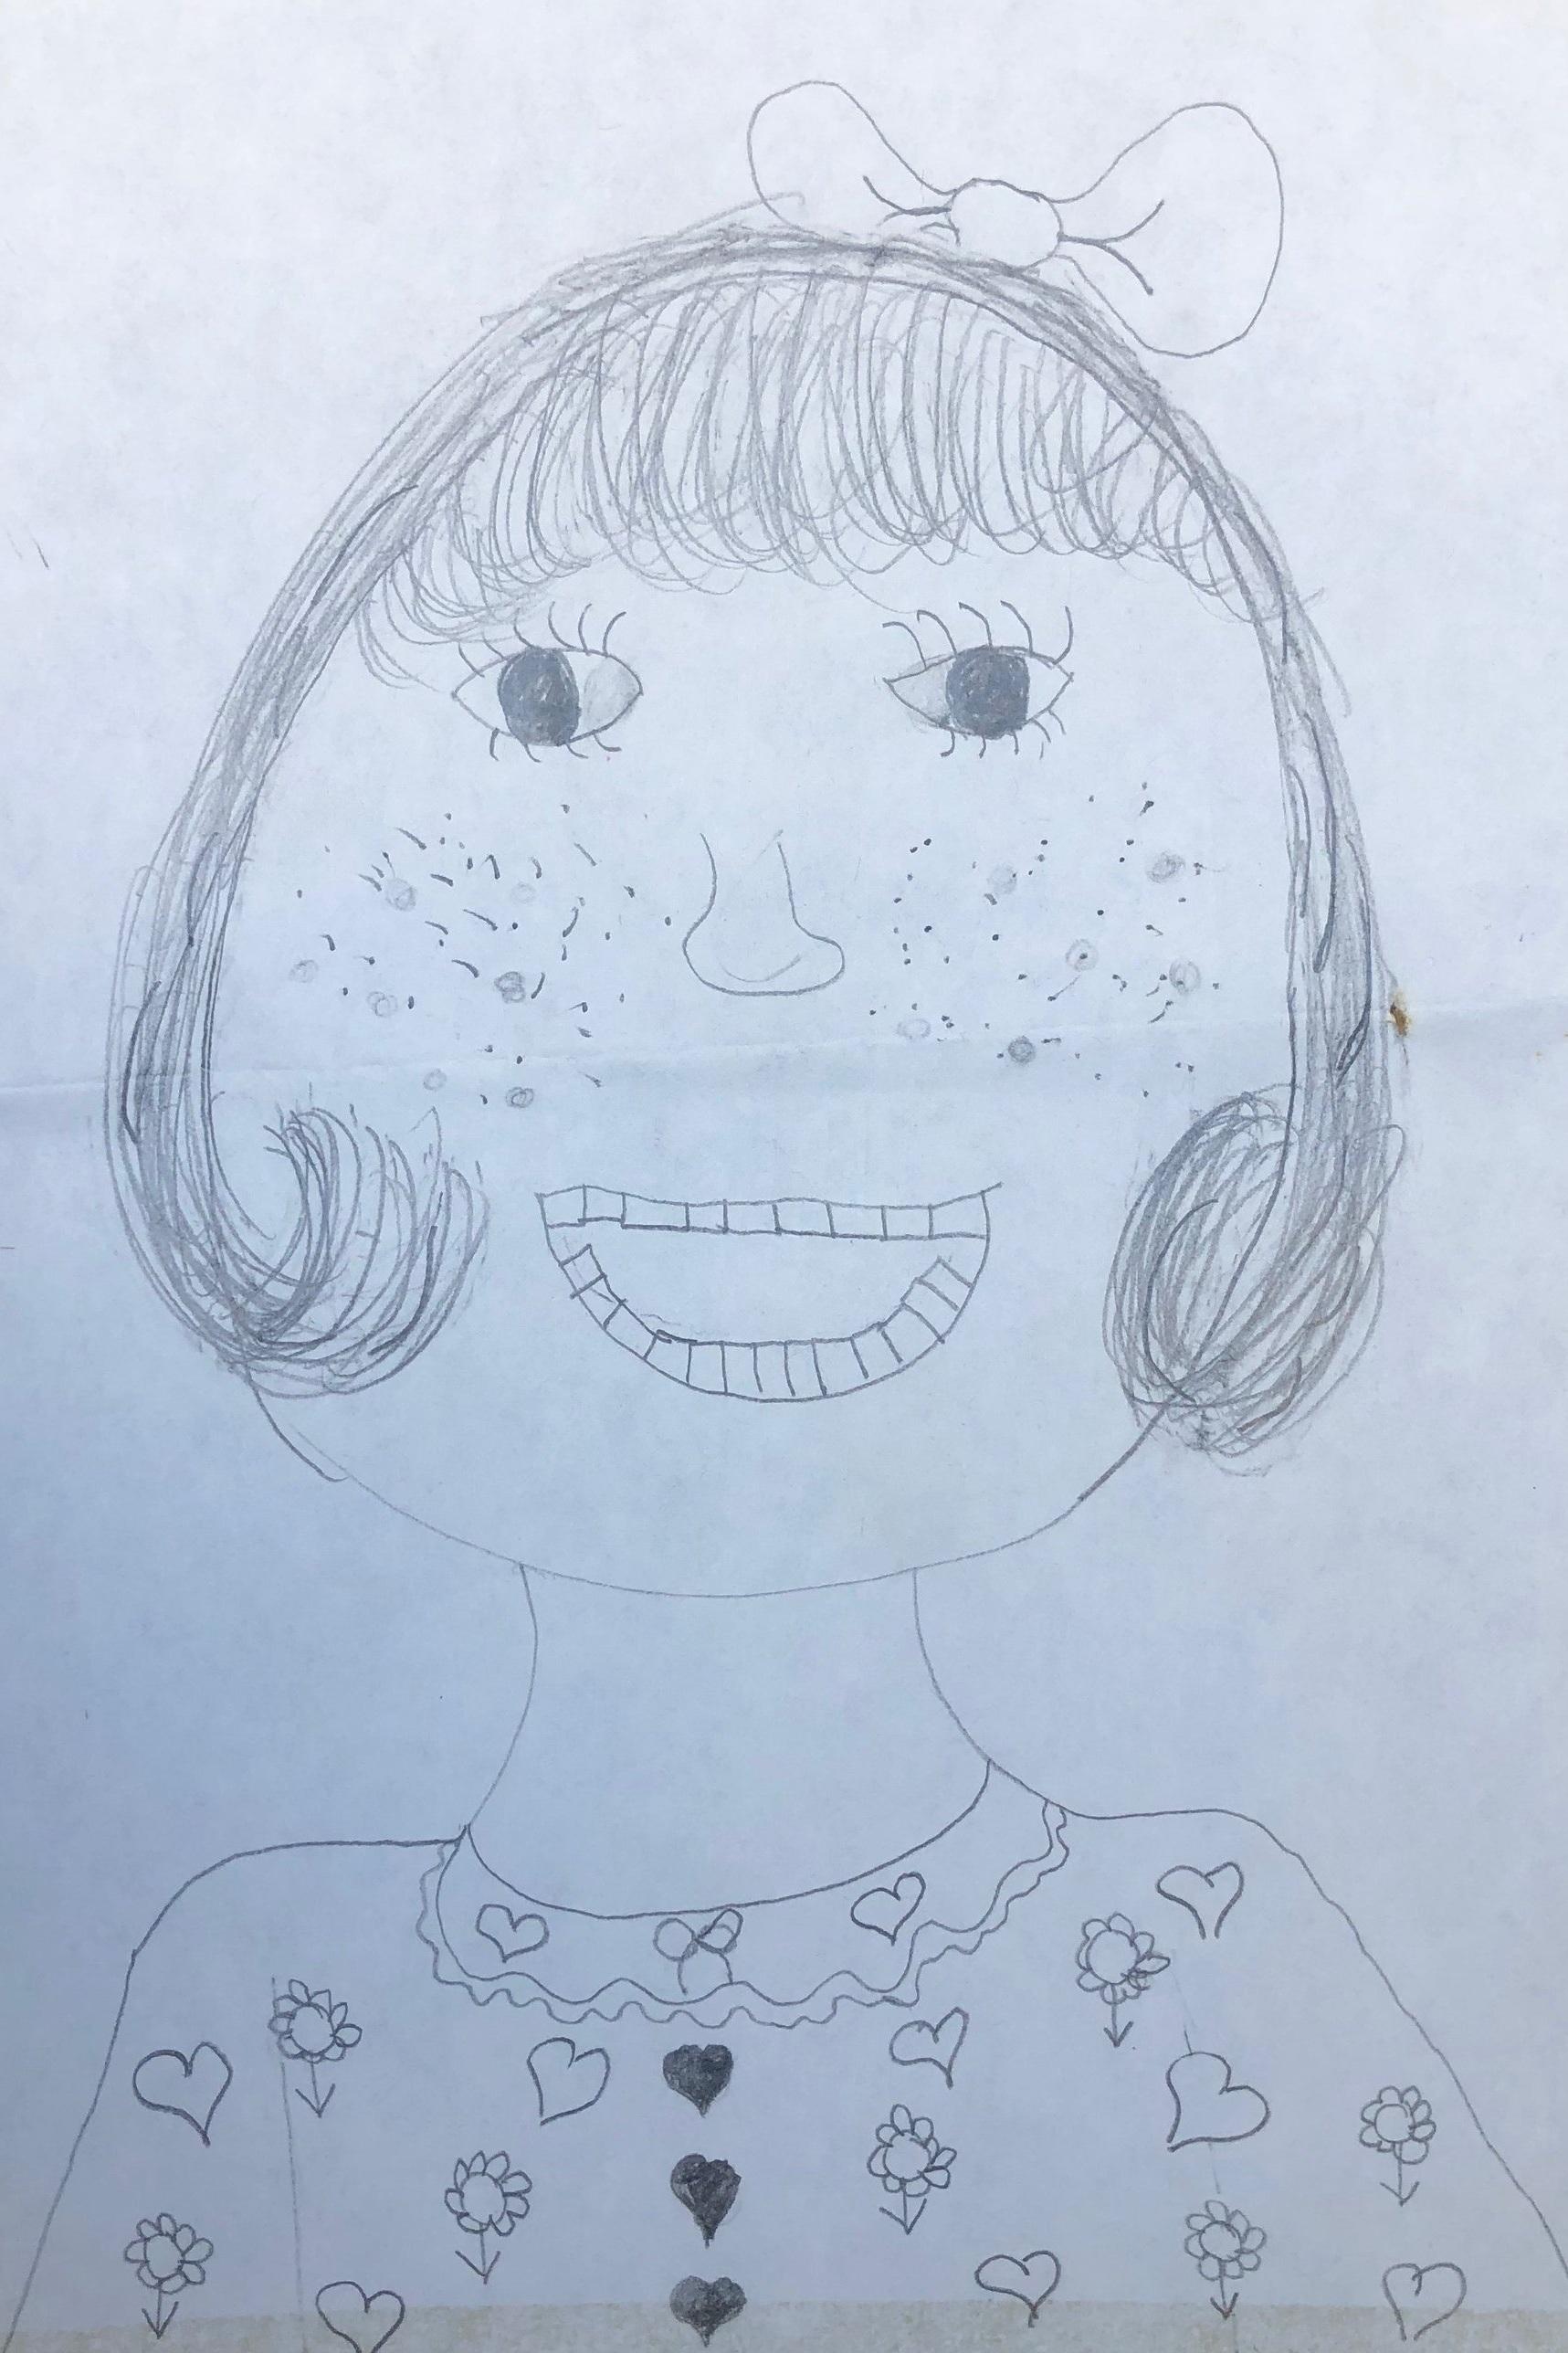 Fourth grade self-portrait.